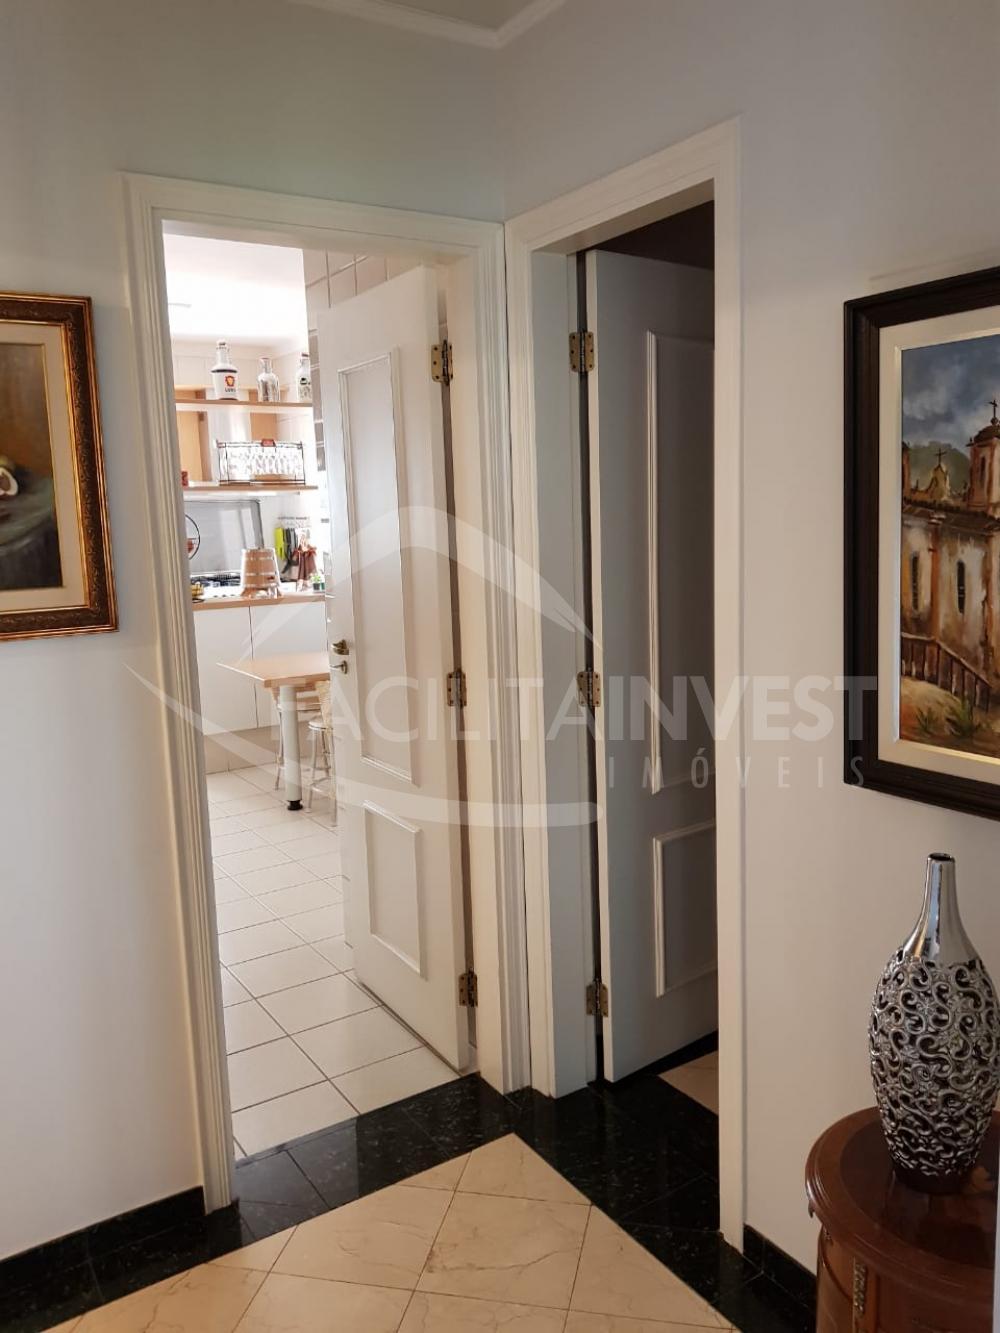 Comprar Apartamentos / Apart. Padrão em Ribeirão Preto apenas R$ 1.000.000,00 - Foto 7